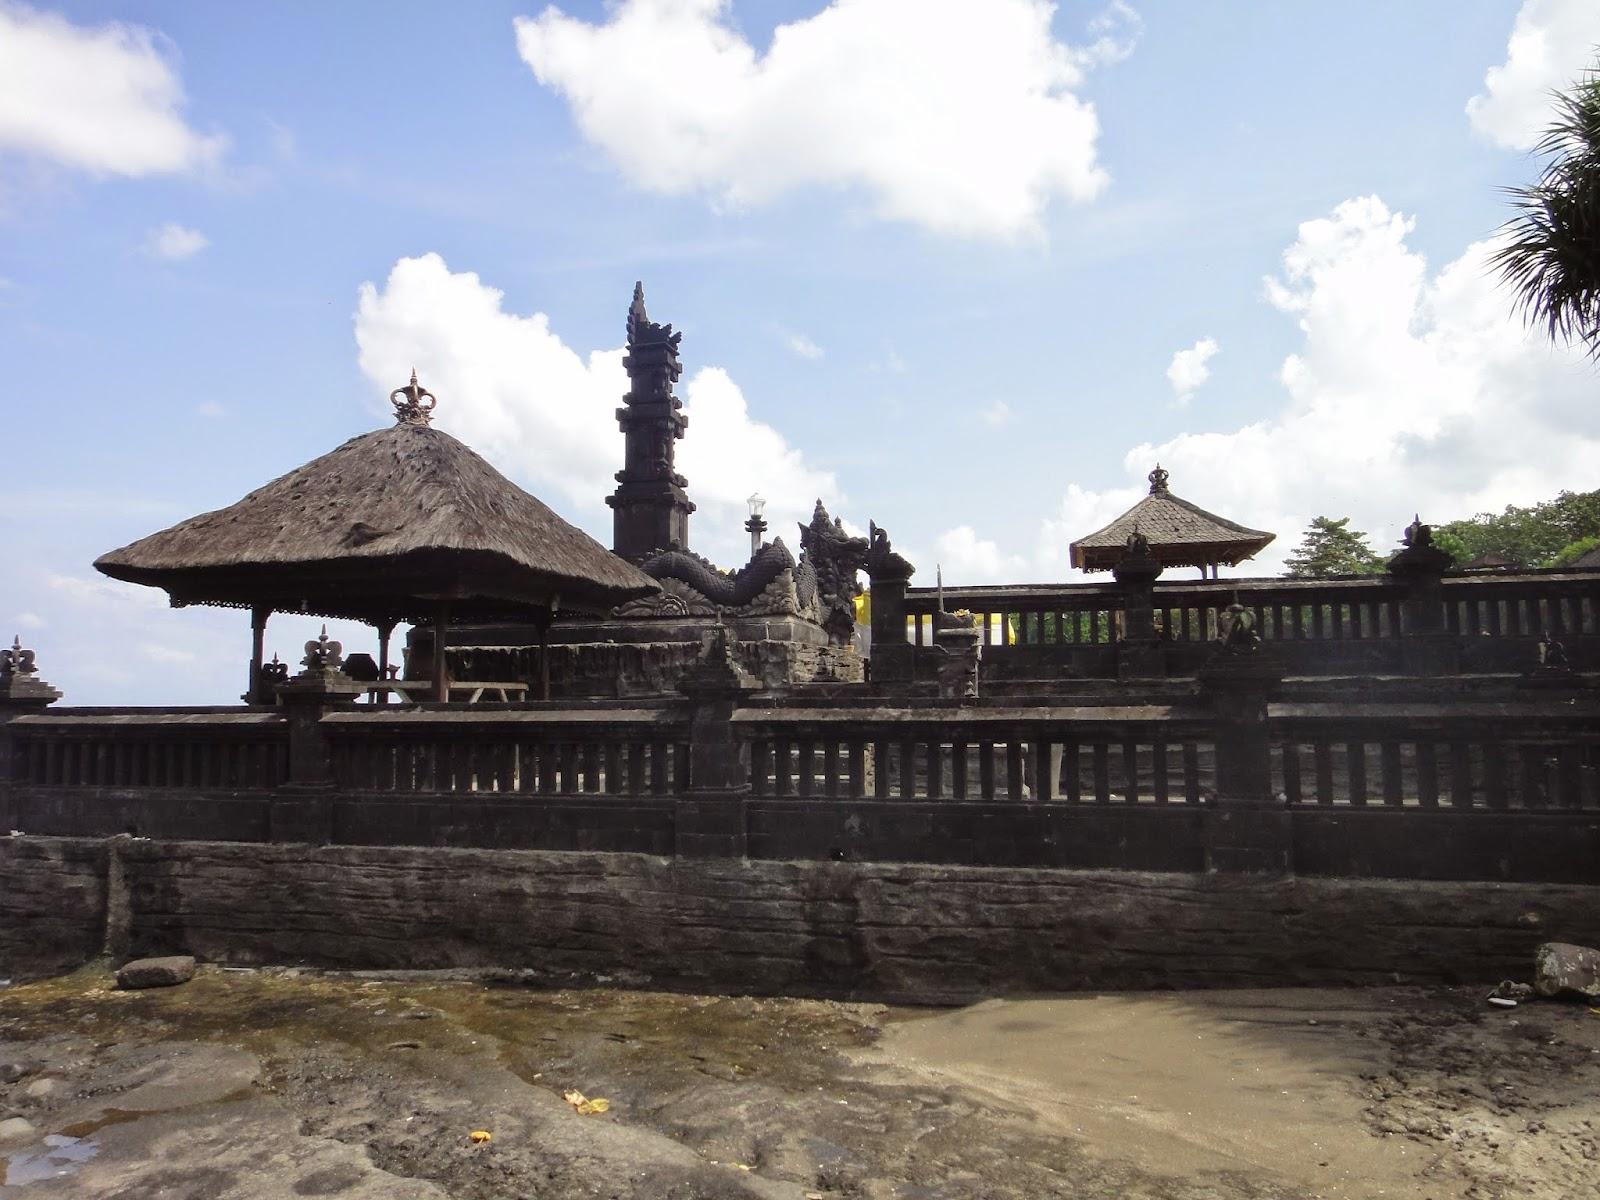 Religious ceremony at Pura Tanah Lot Bali Island